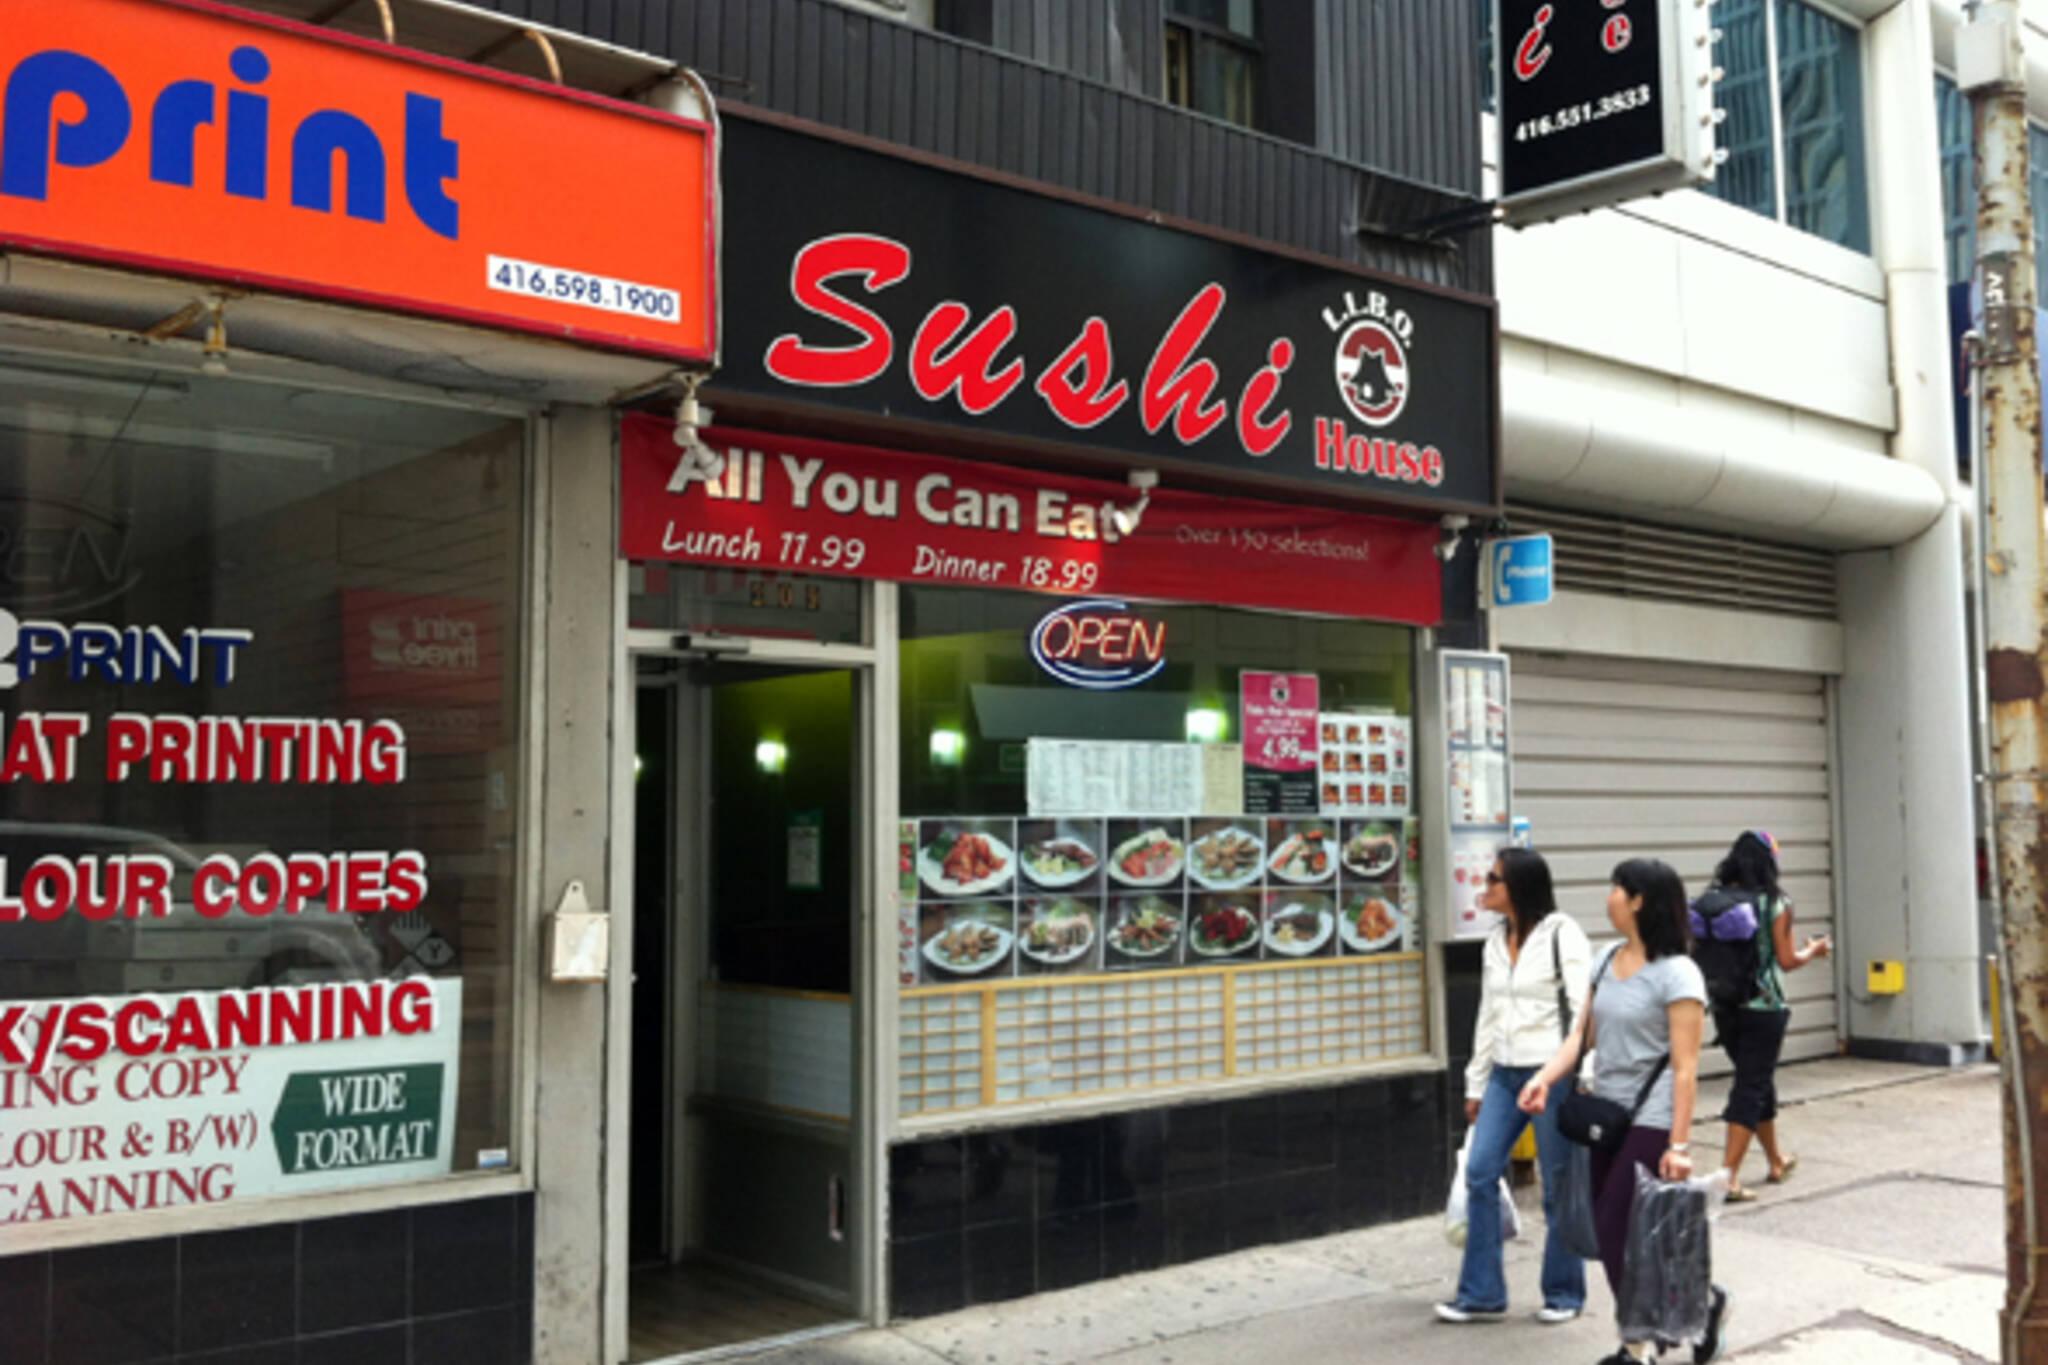 Sushi House Toronto